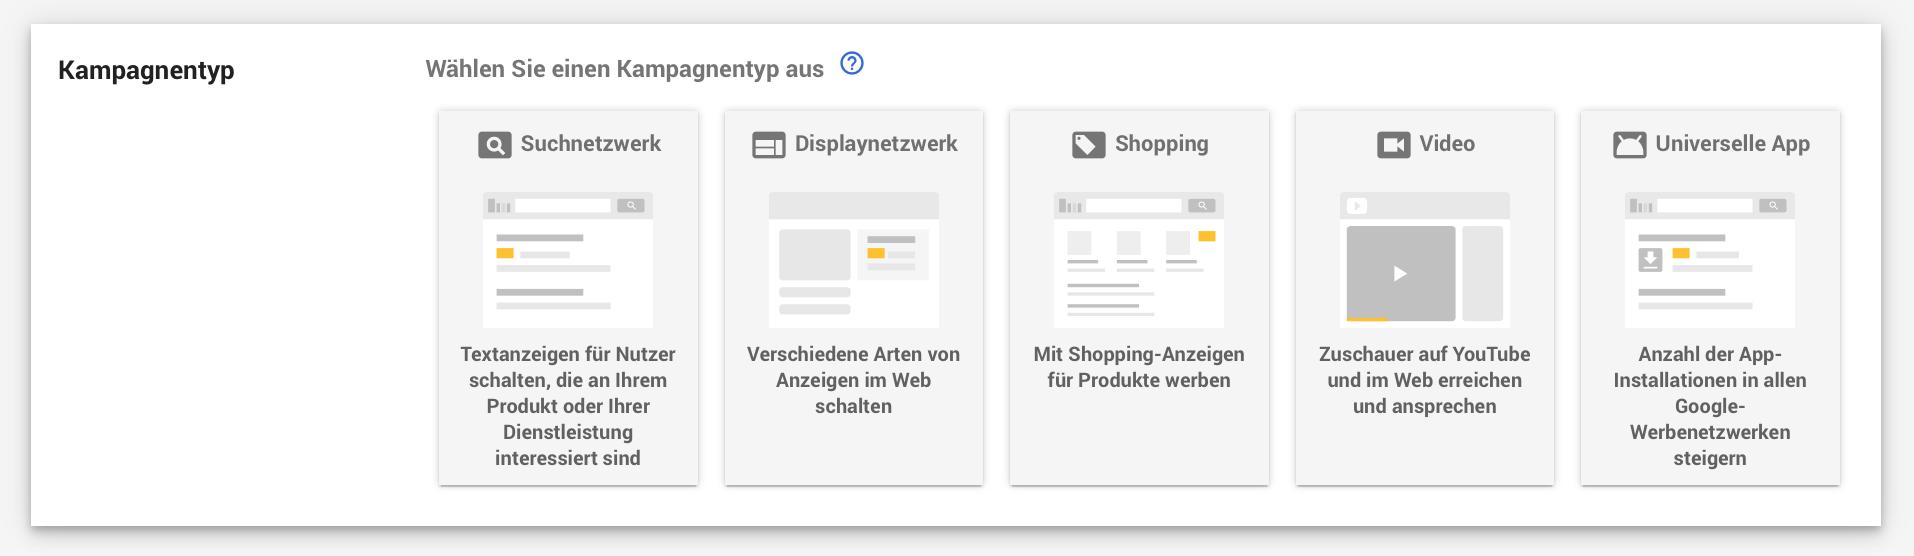 AdWords Kampagnentyp auswählen